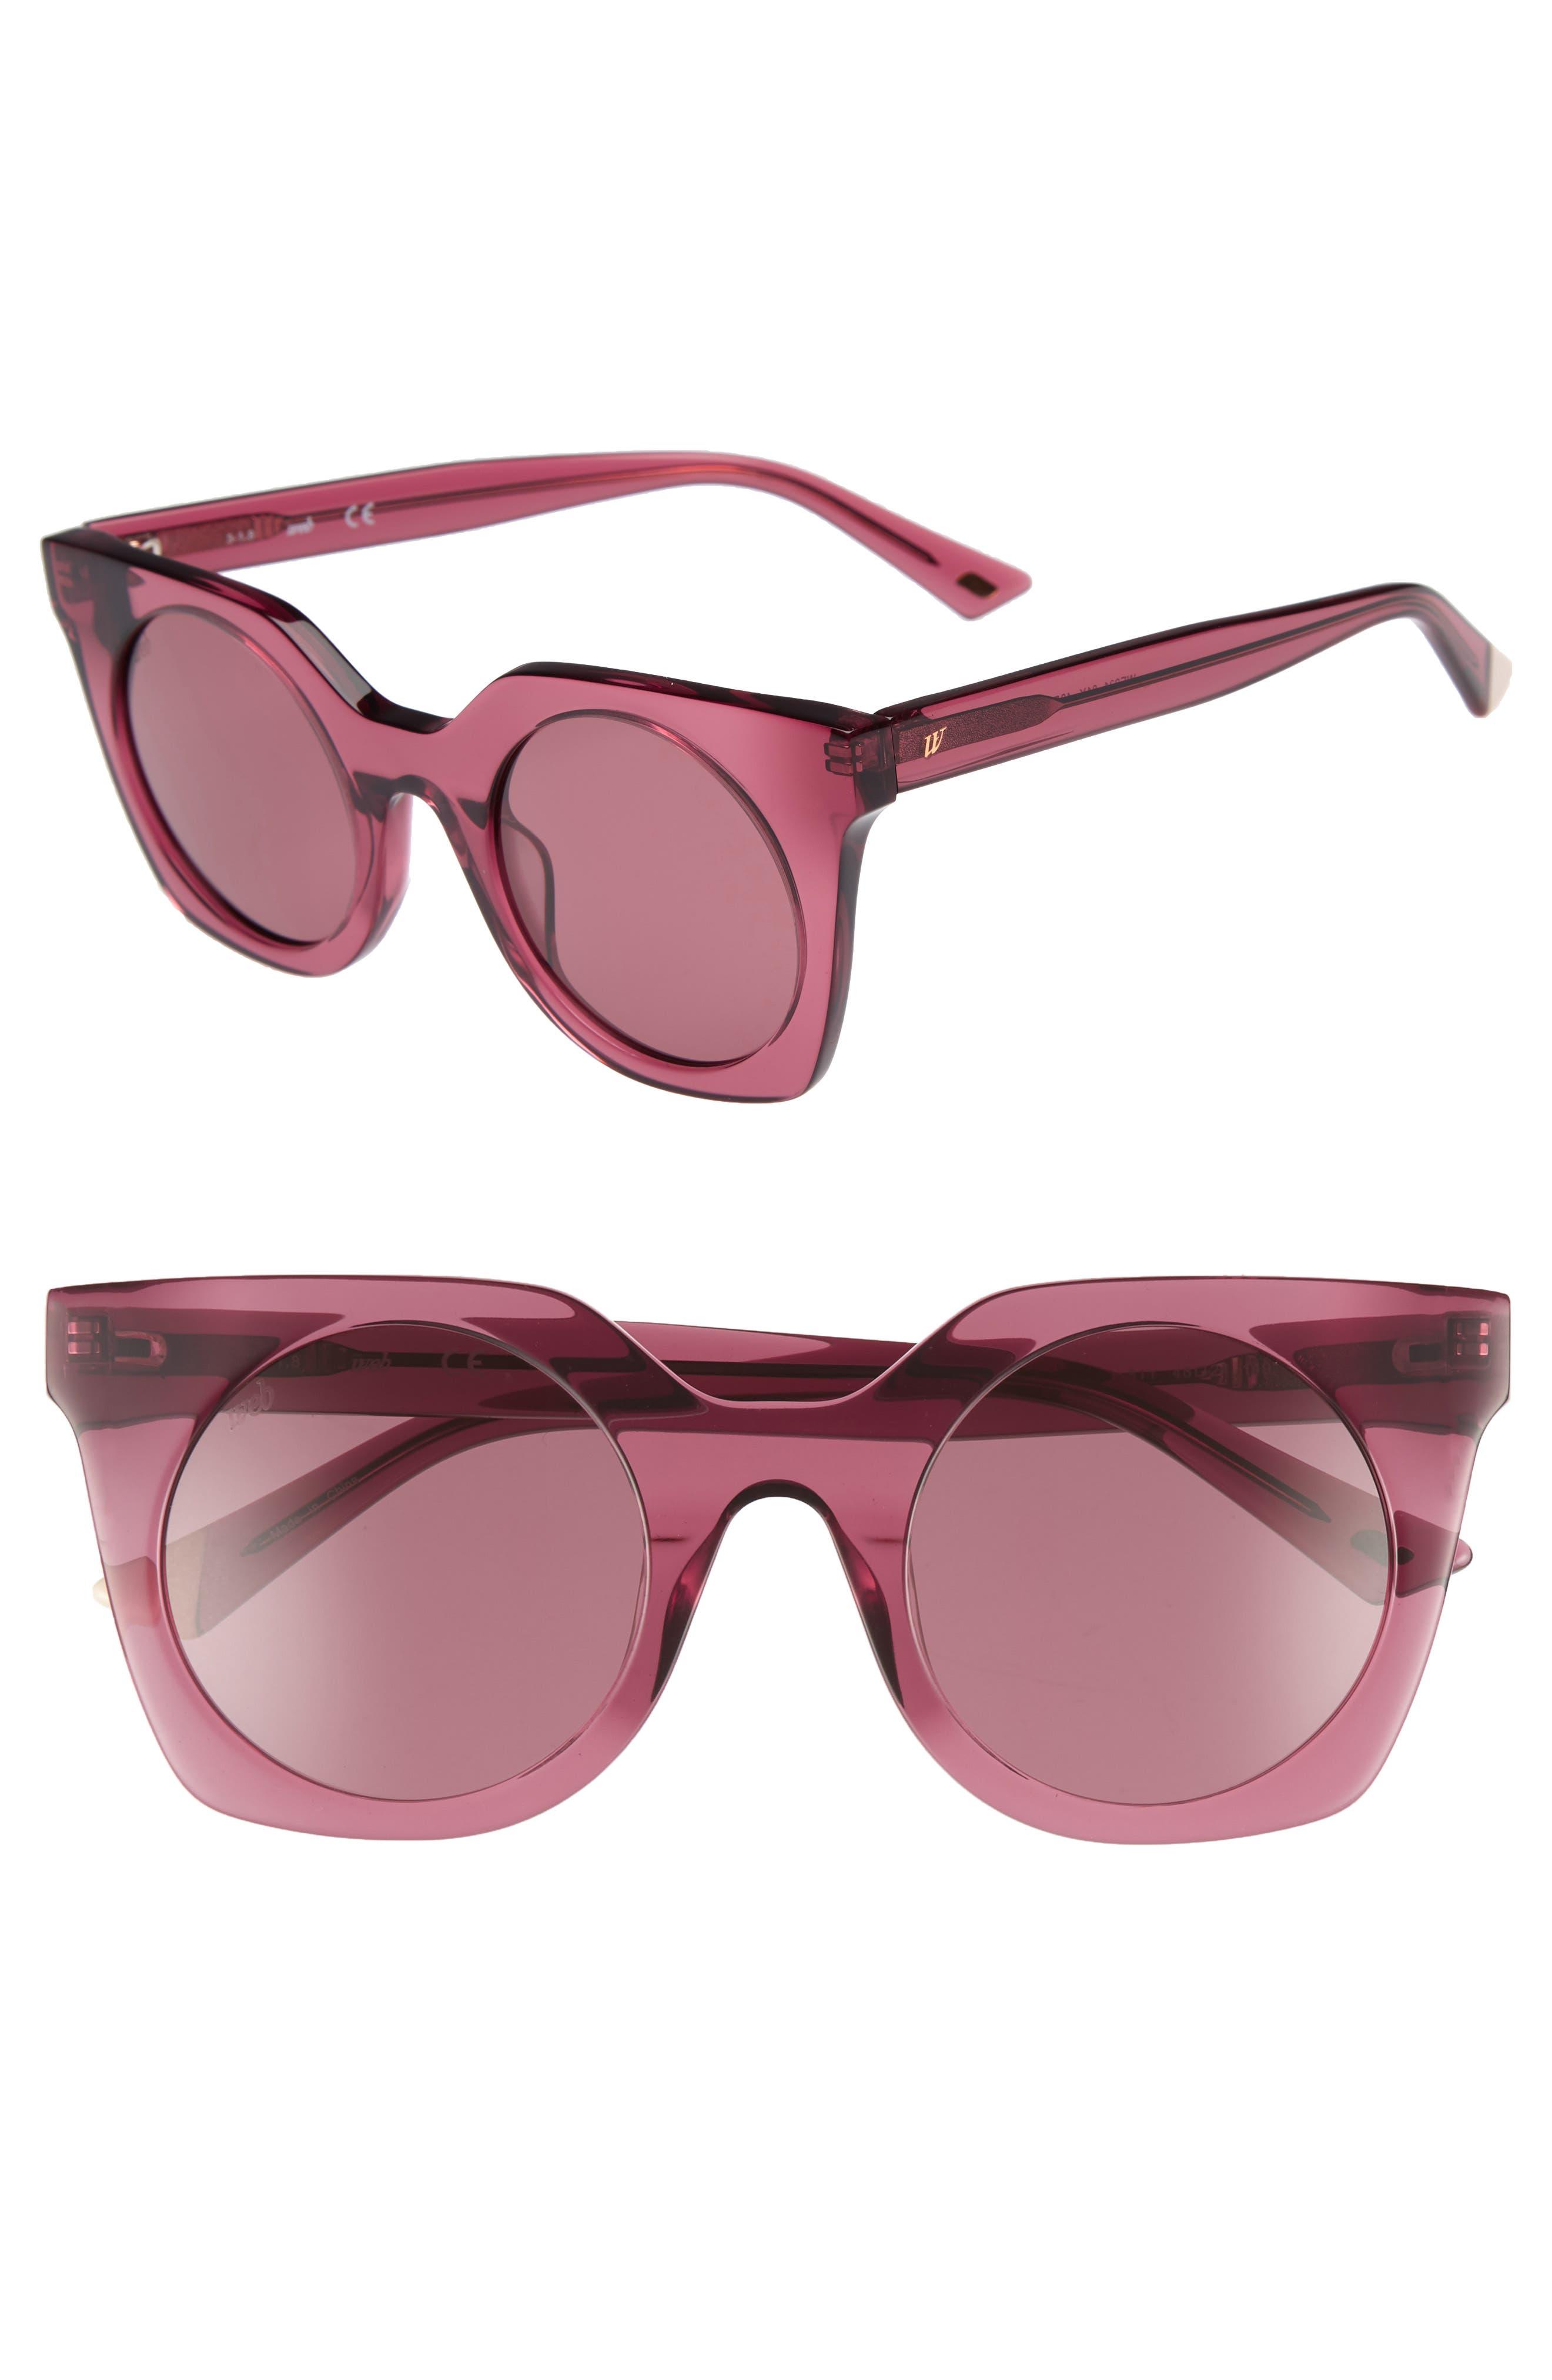 48mm Sunglasses,                             Main thumbnail 1, color,                             Shiny Violet/ Violet